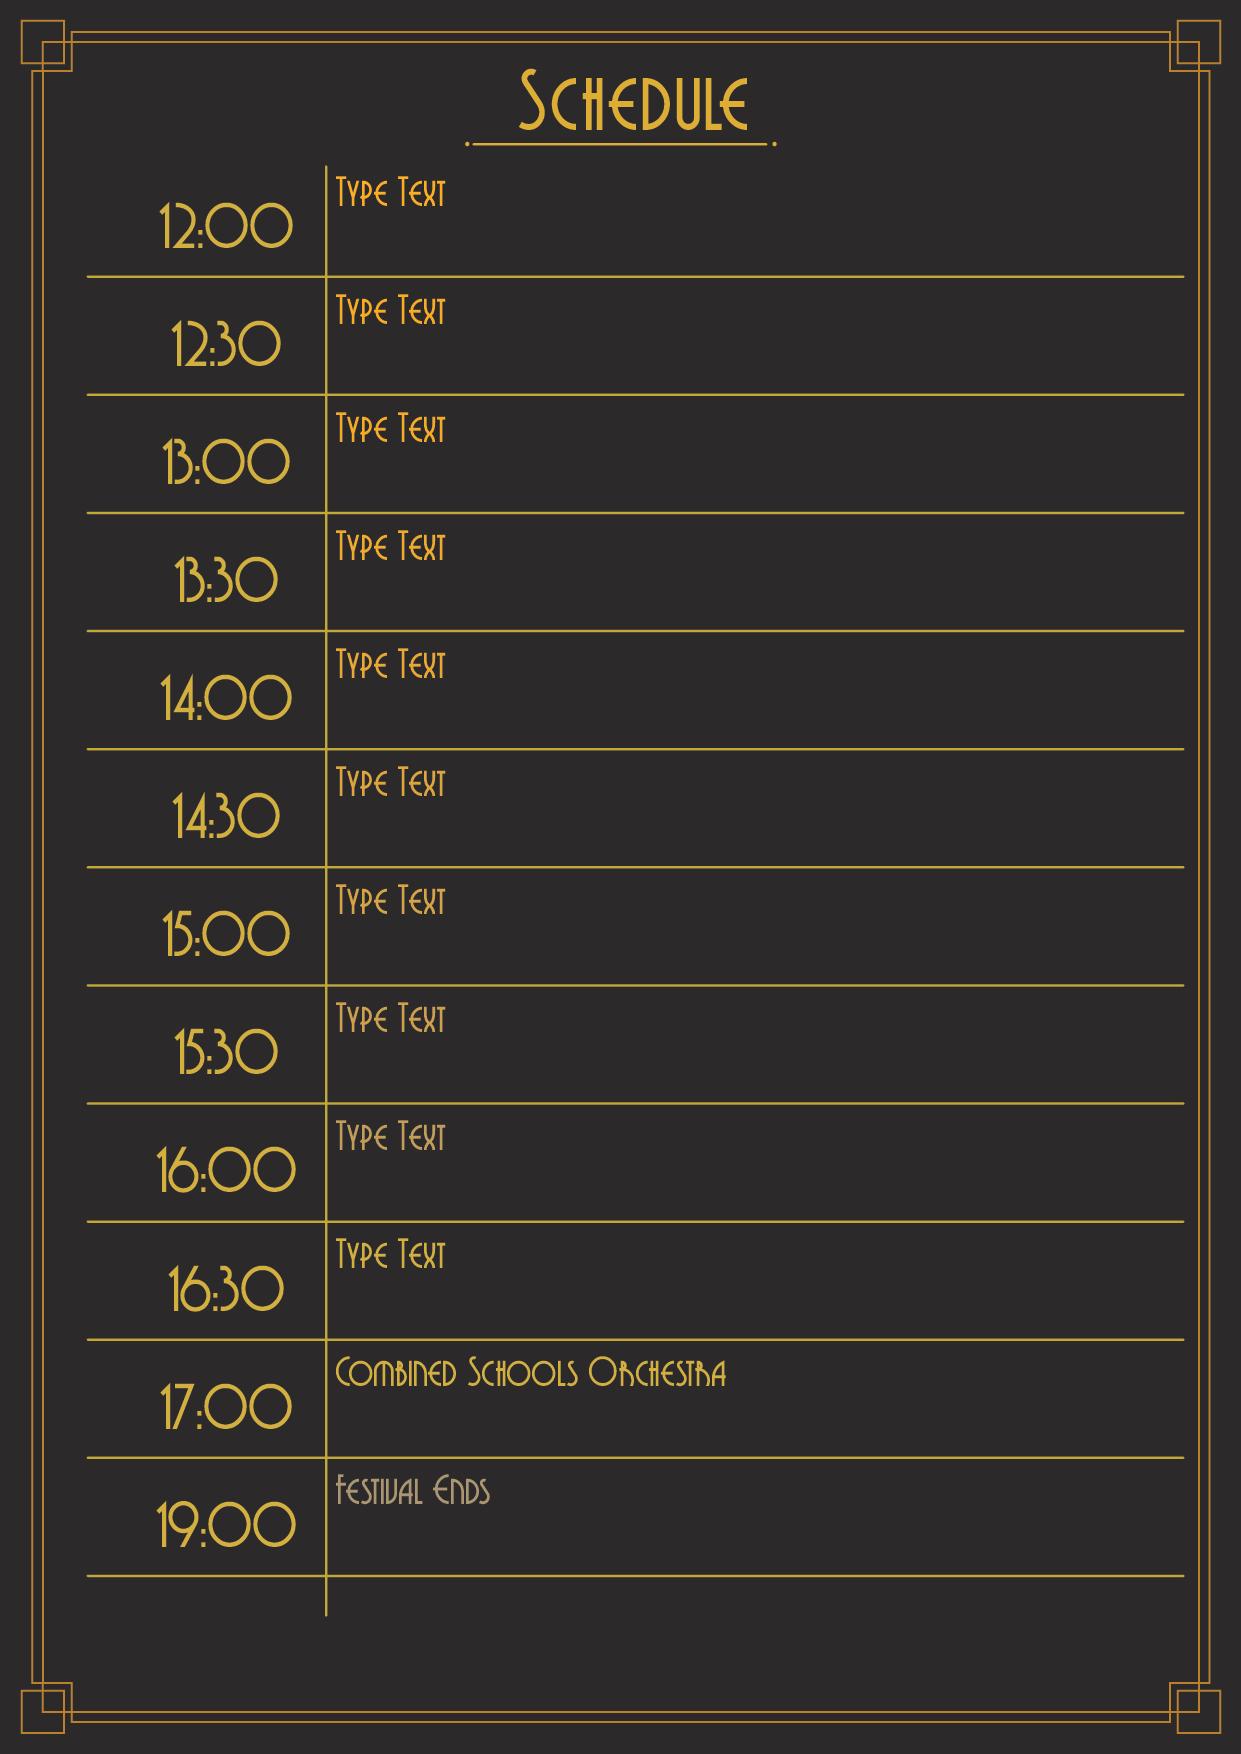 Jazz Festival Schedule_Page 2 - Schedule